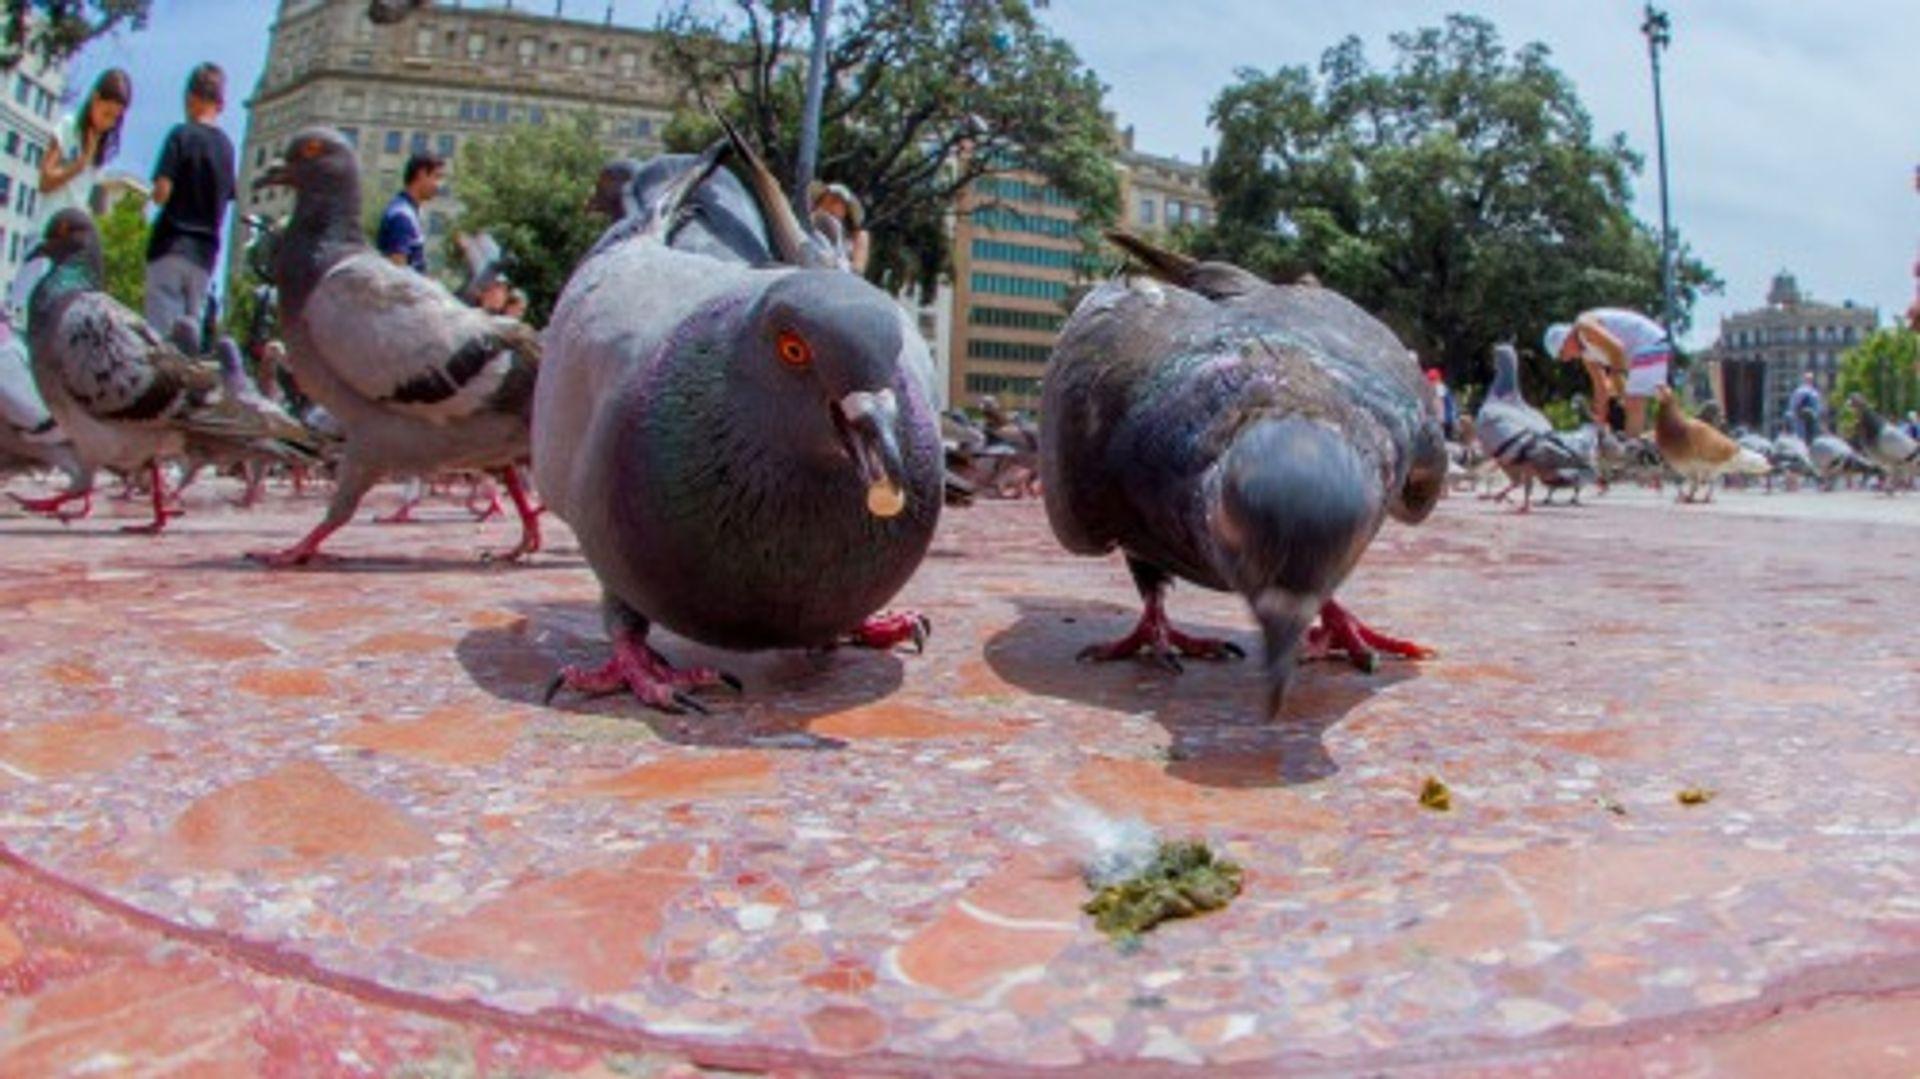 Haat op duiven?!